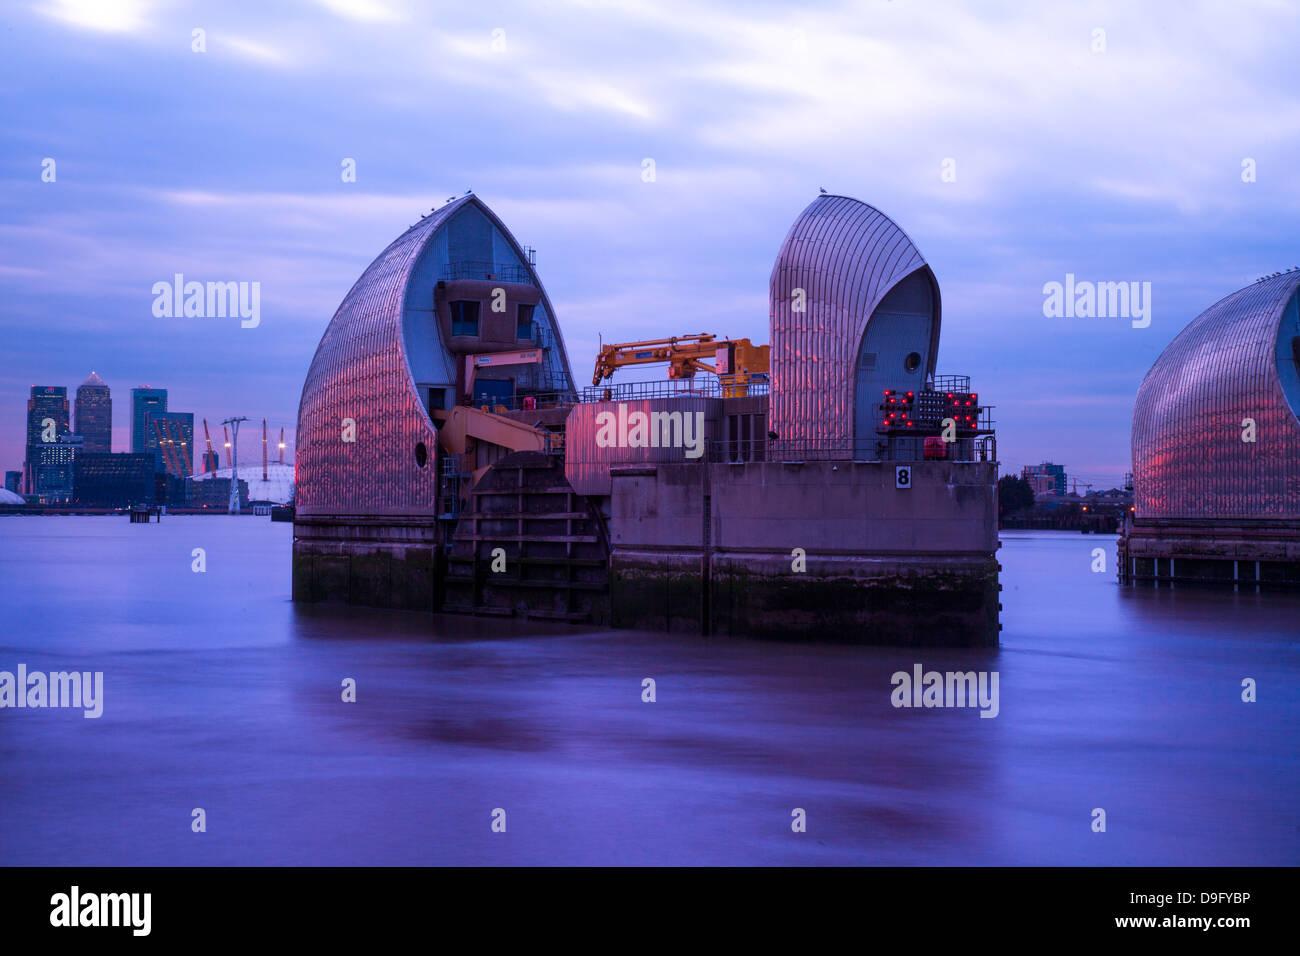 La sezione del fiume Thames Flood Barrier al crepuscolo con Canary Wharf e l'Arena O2 in background, London, Immagini Stock